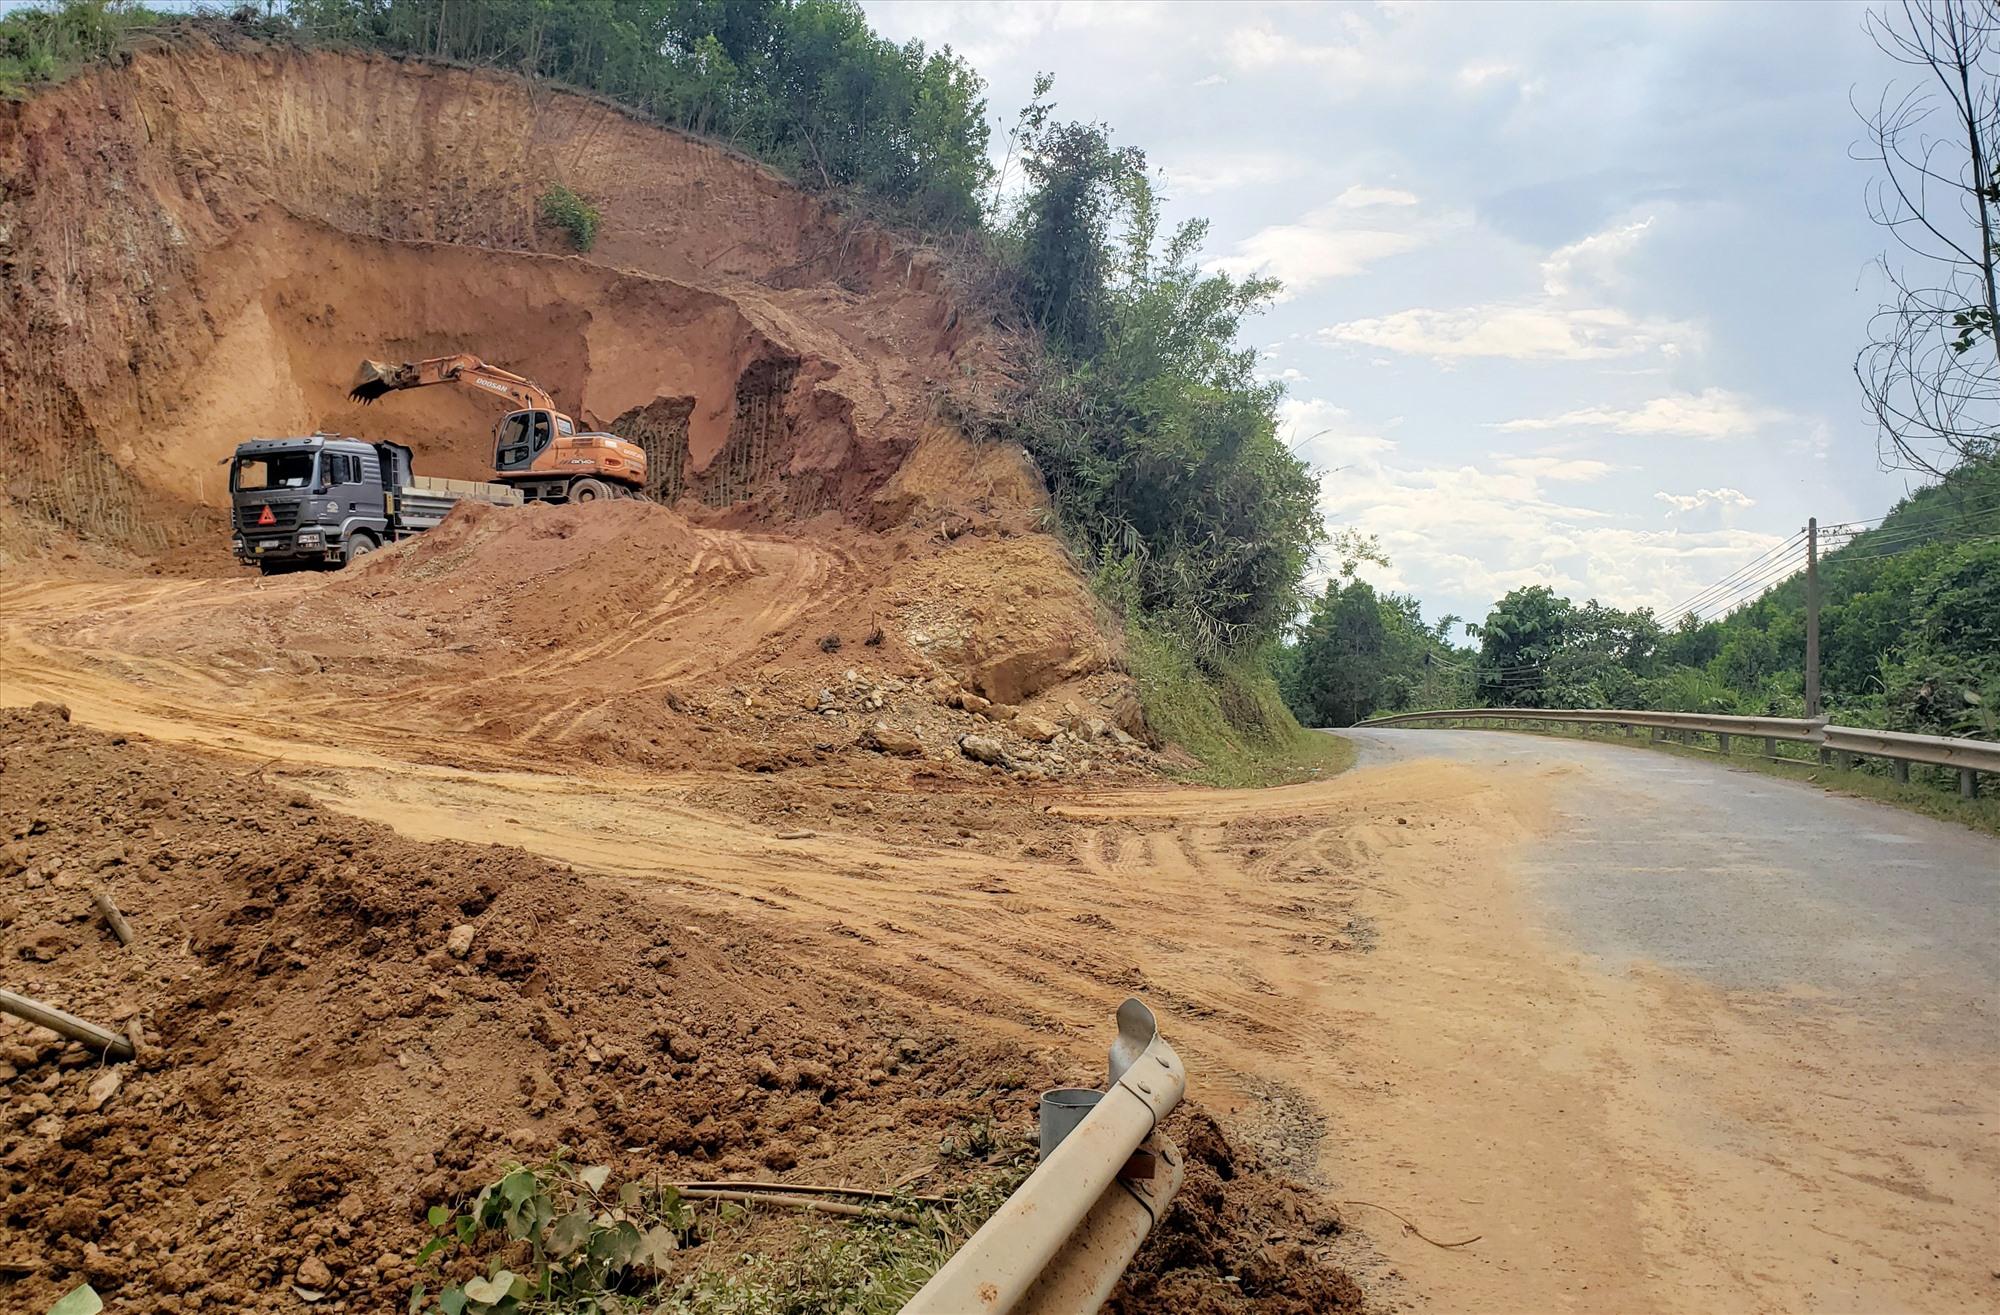 Xe chở đất làm rơi vãi ra QL14G qua Đông Giang gây ảnh hưởng giao thông. Ảnh: THANH THẮNG